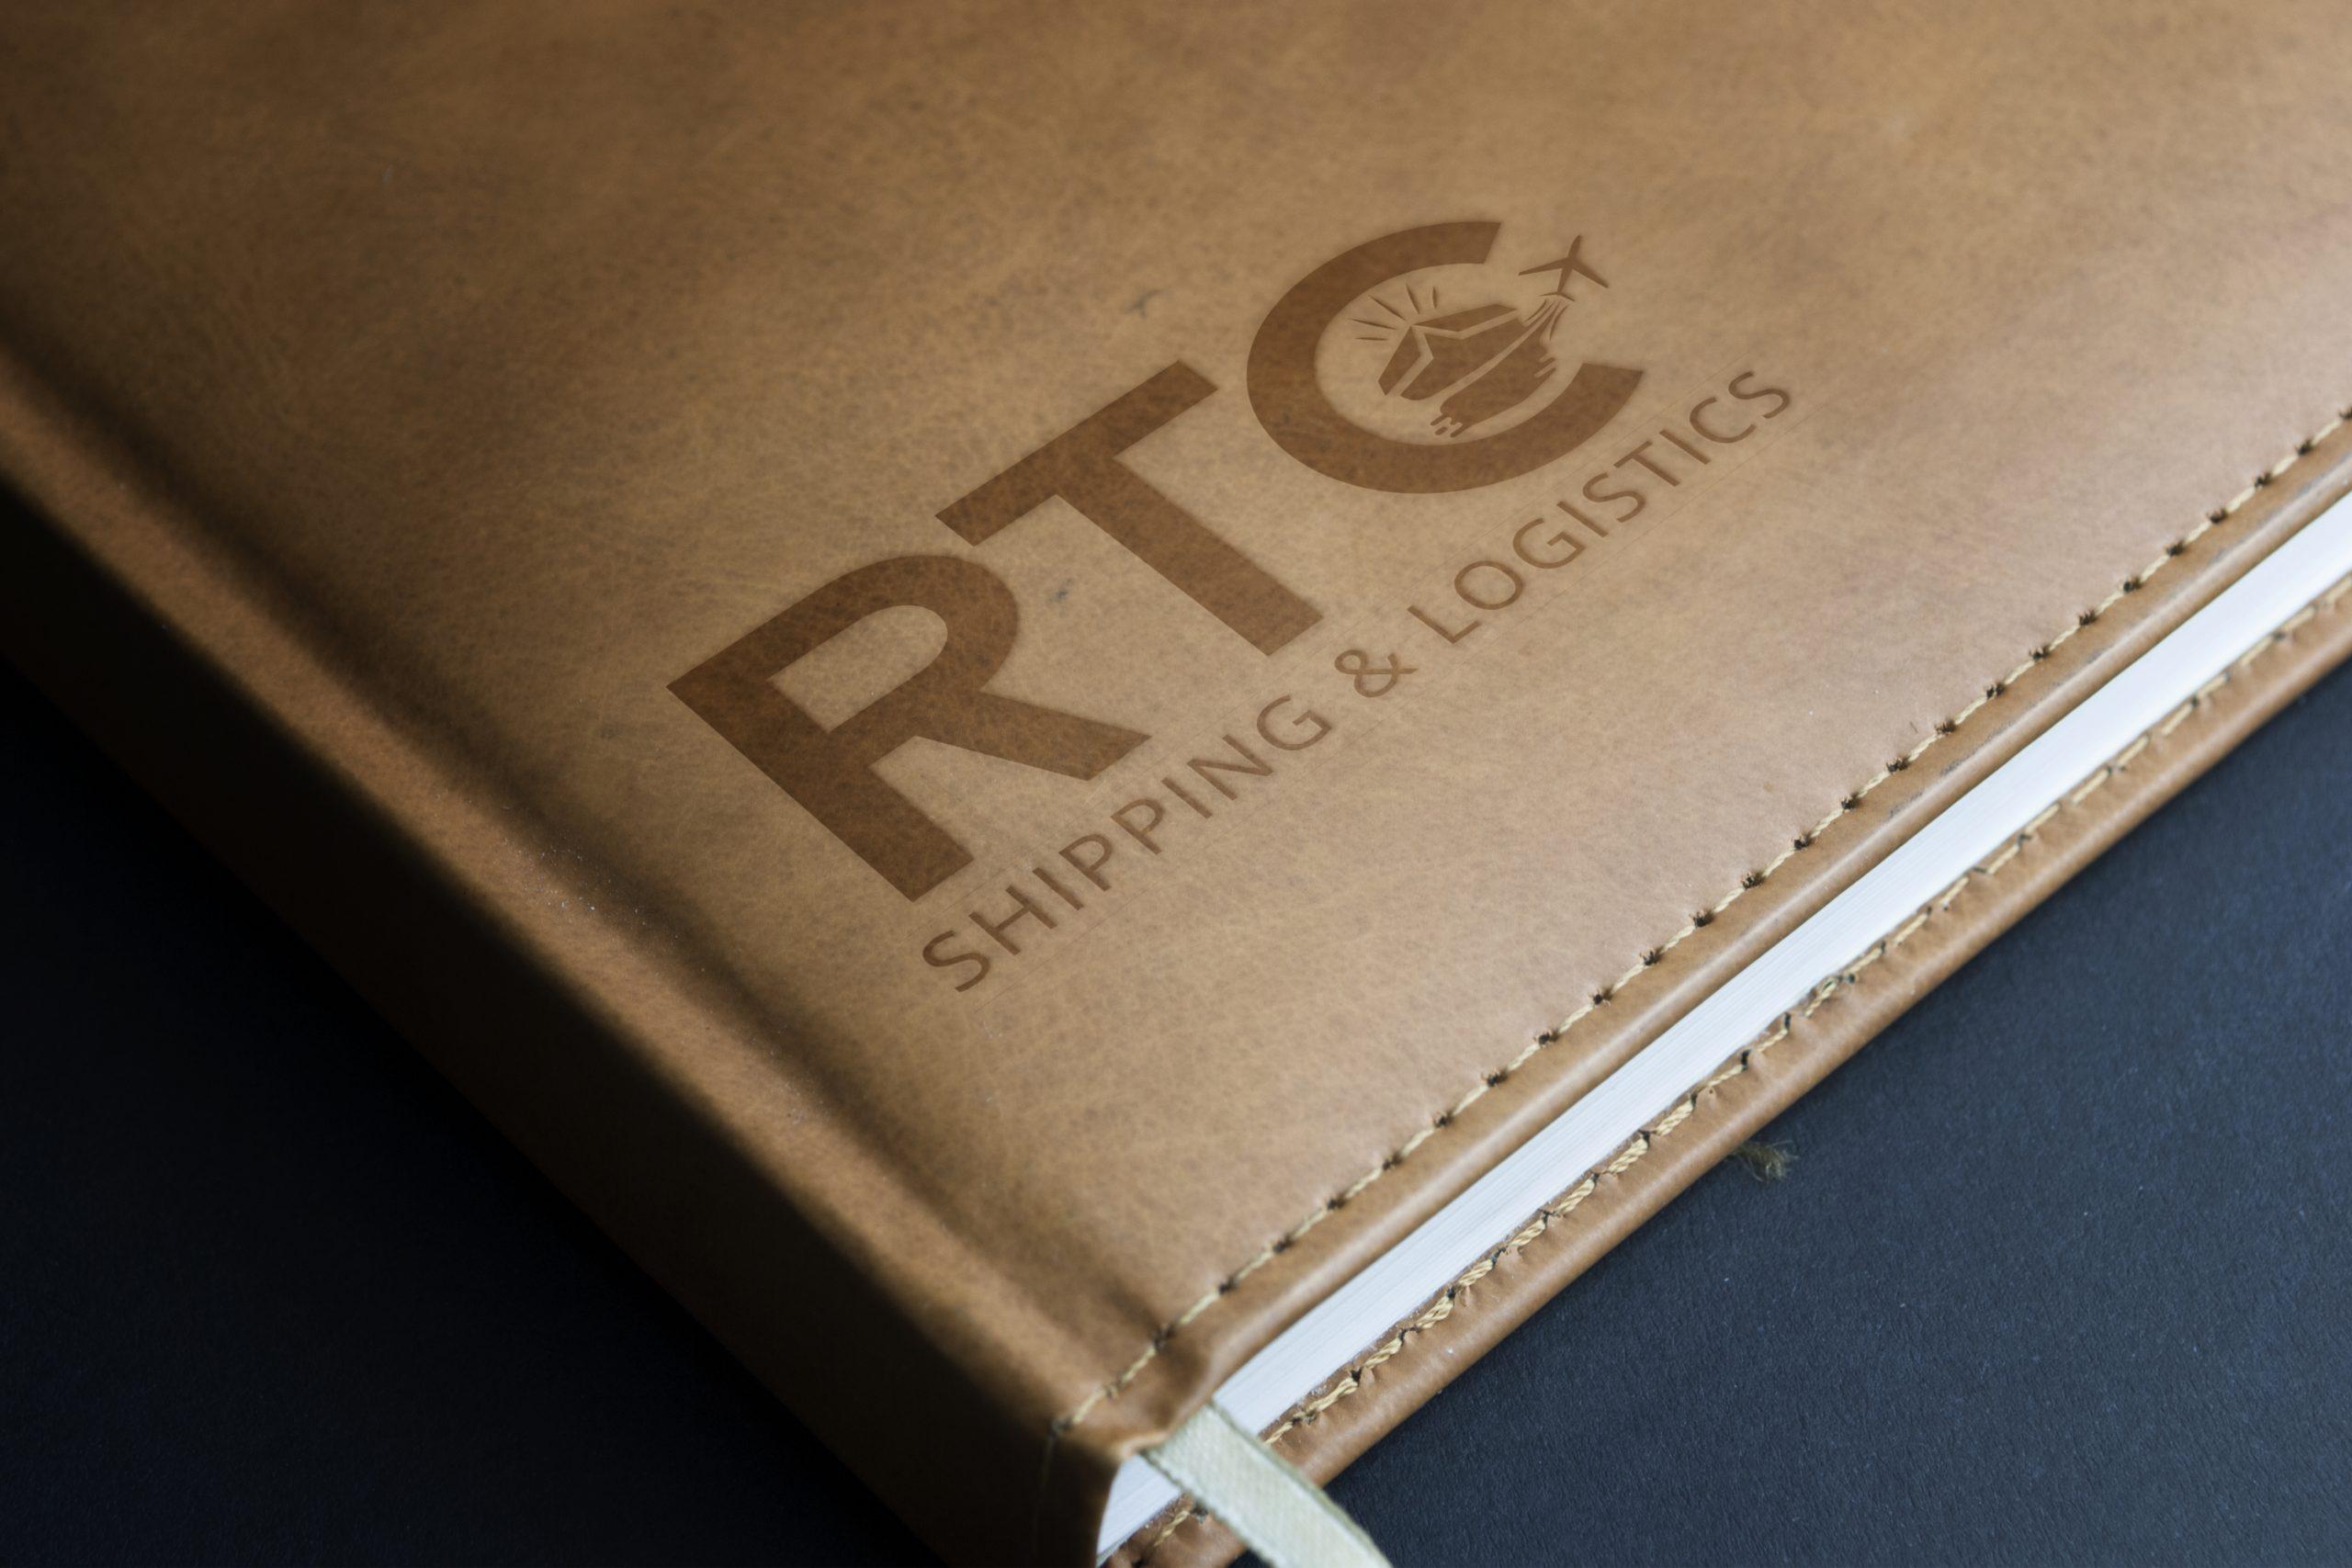 RTC Shipping